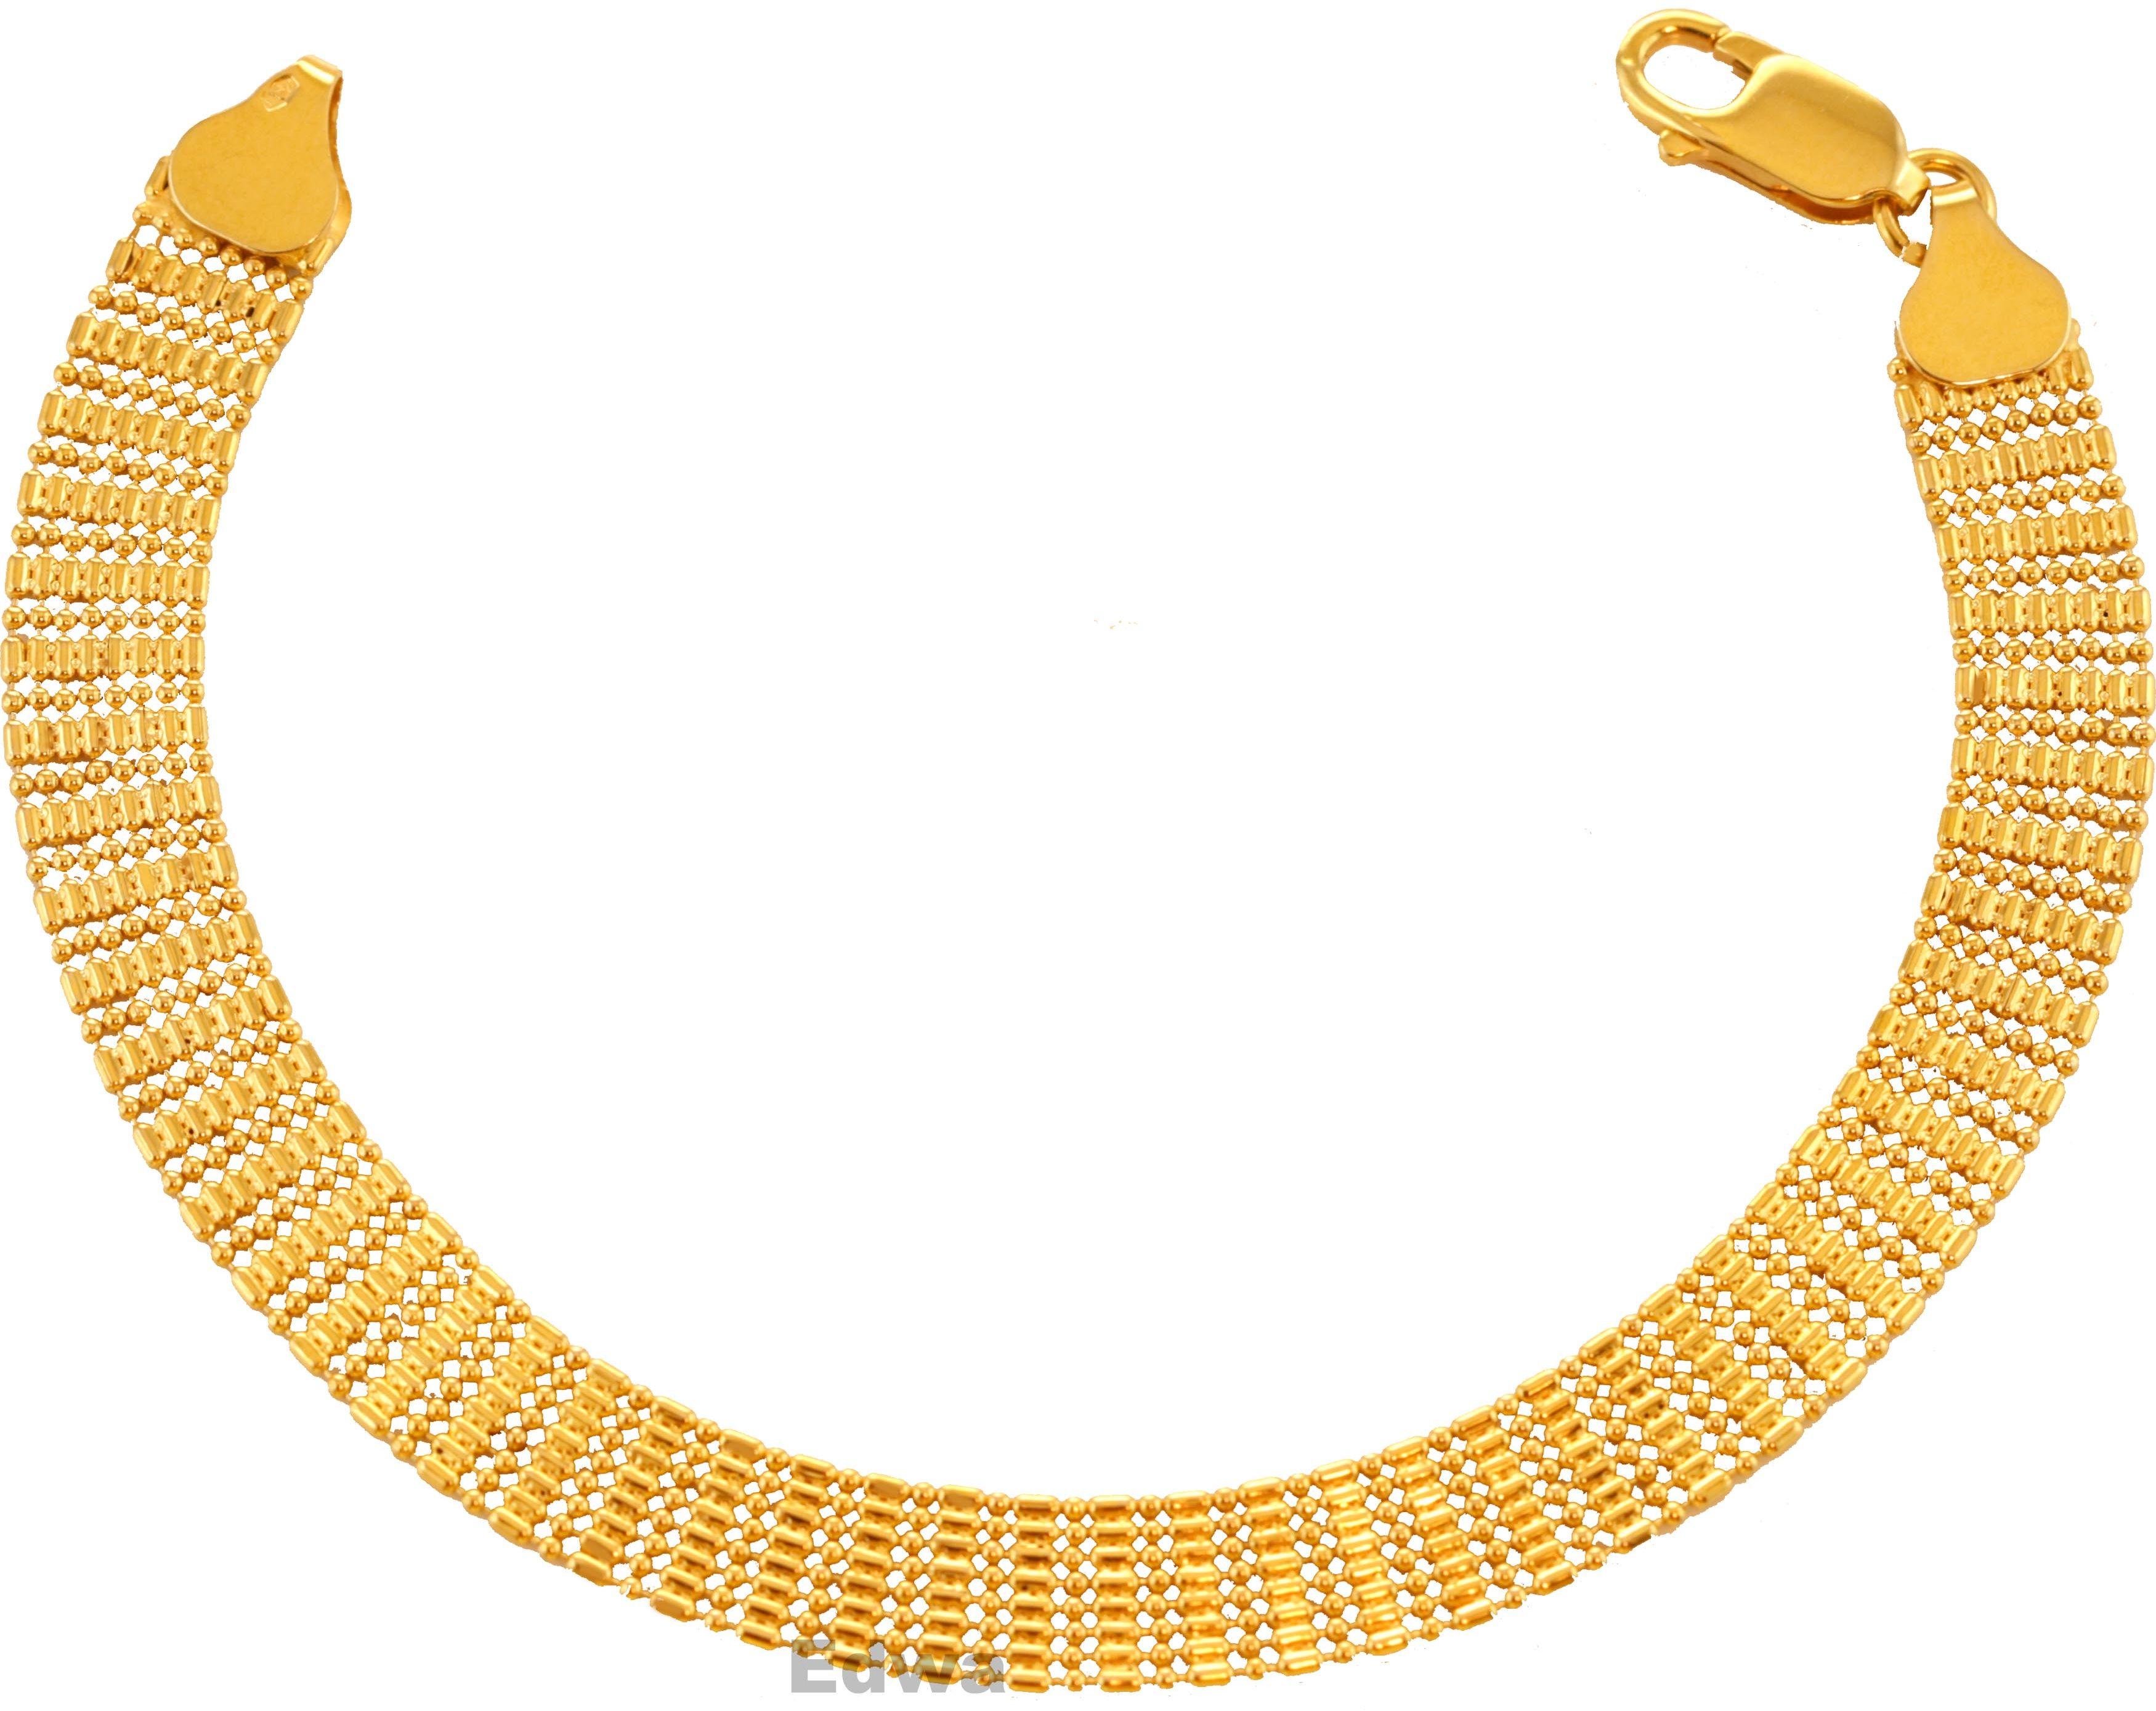 Bransoletka złota, taśma- siatka pr.585 19 cm